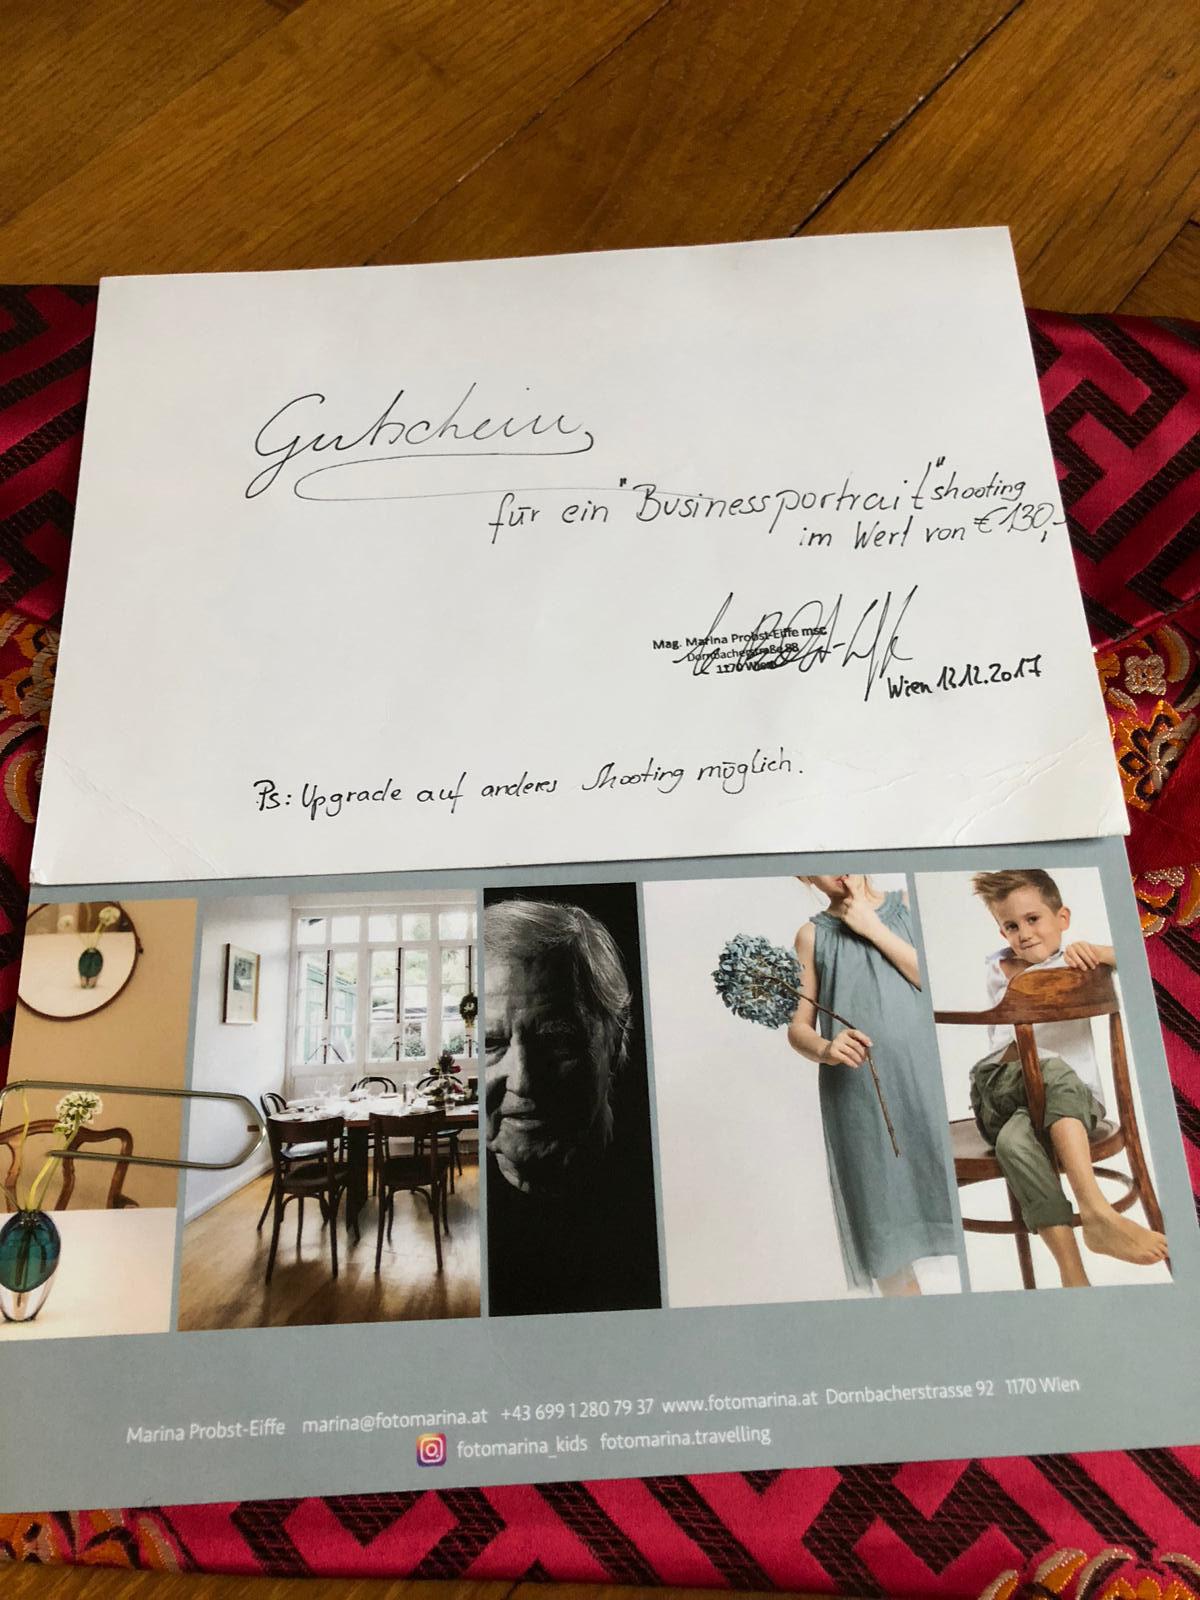 Business- Fotoshooting  im Wert von 130 Euro